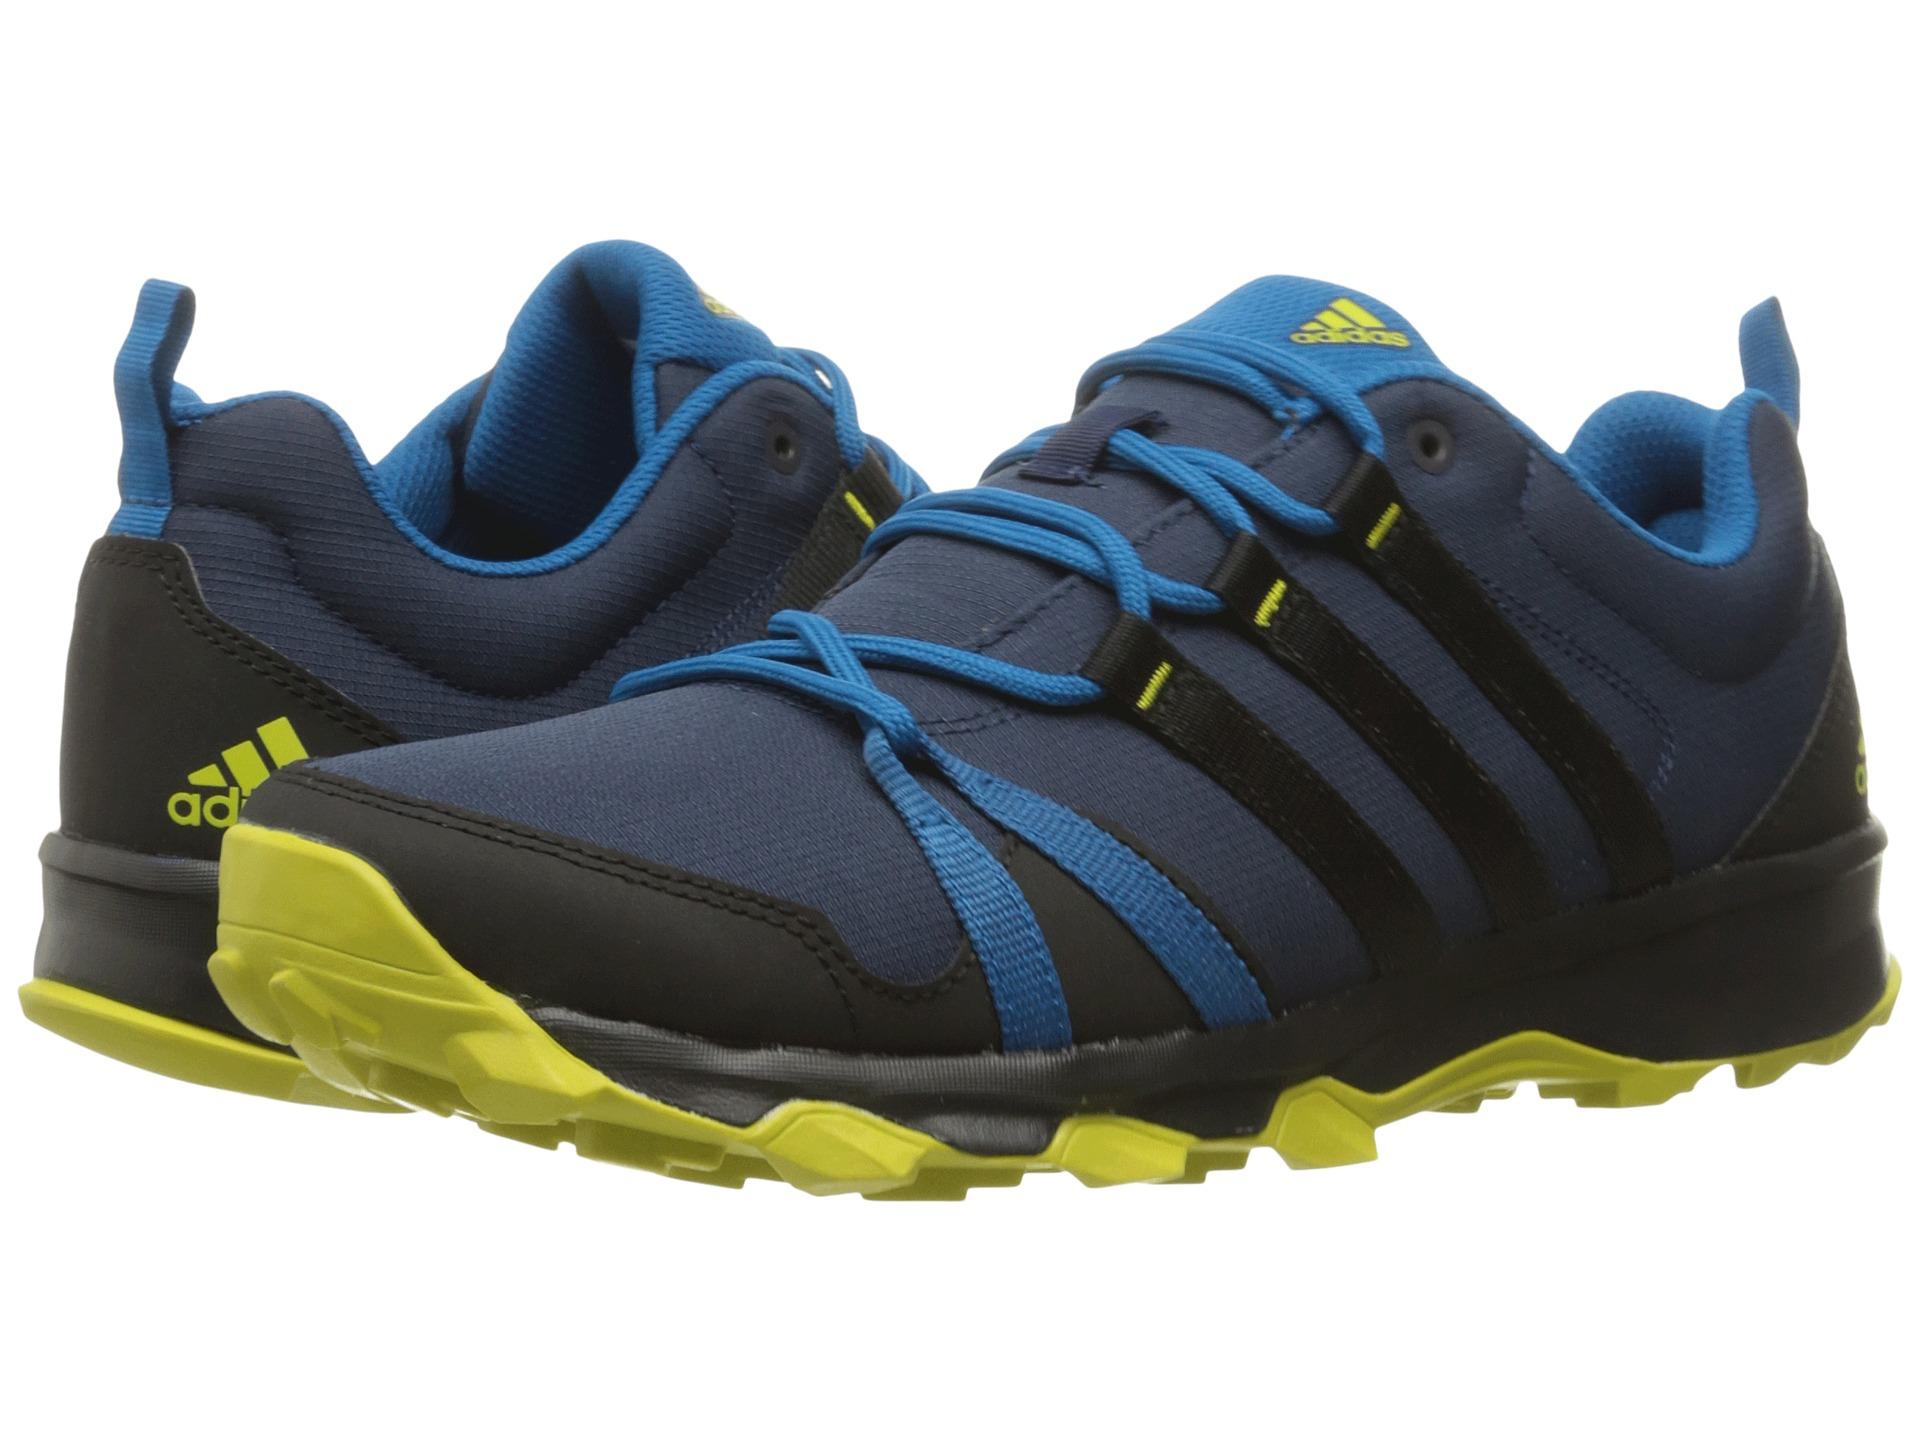 Adidas Outdoor zapatillas